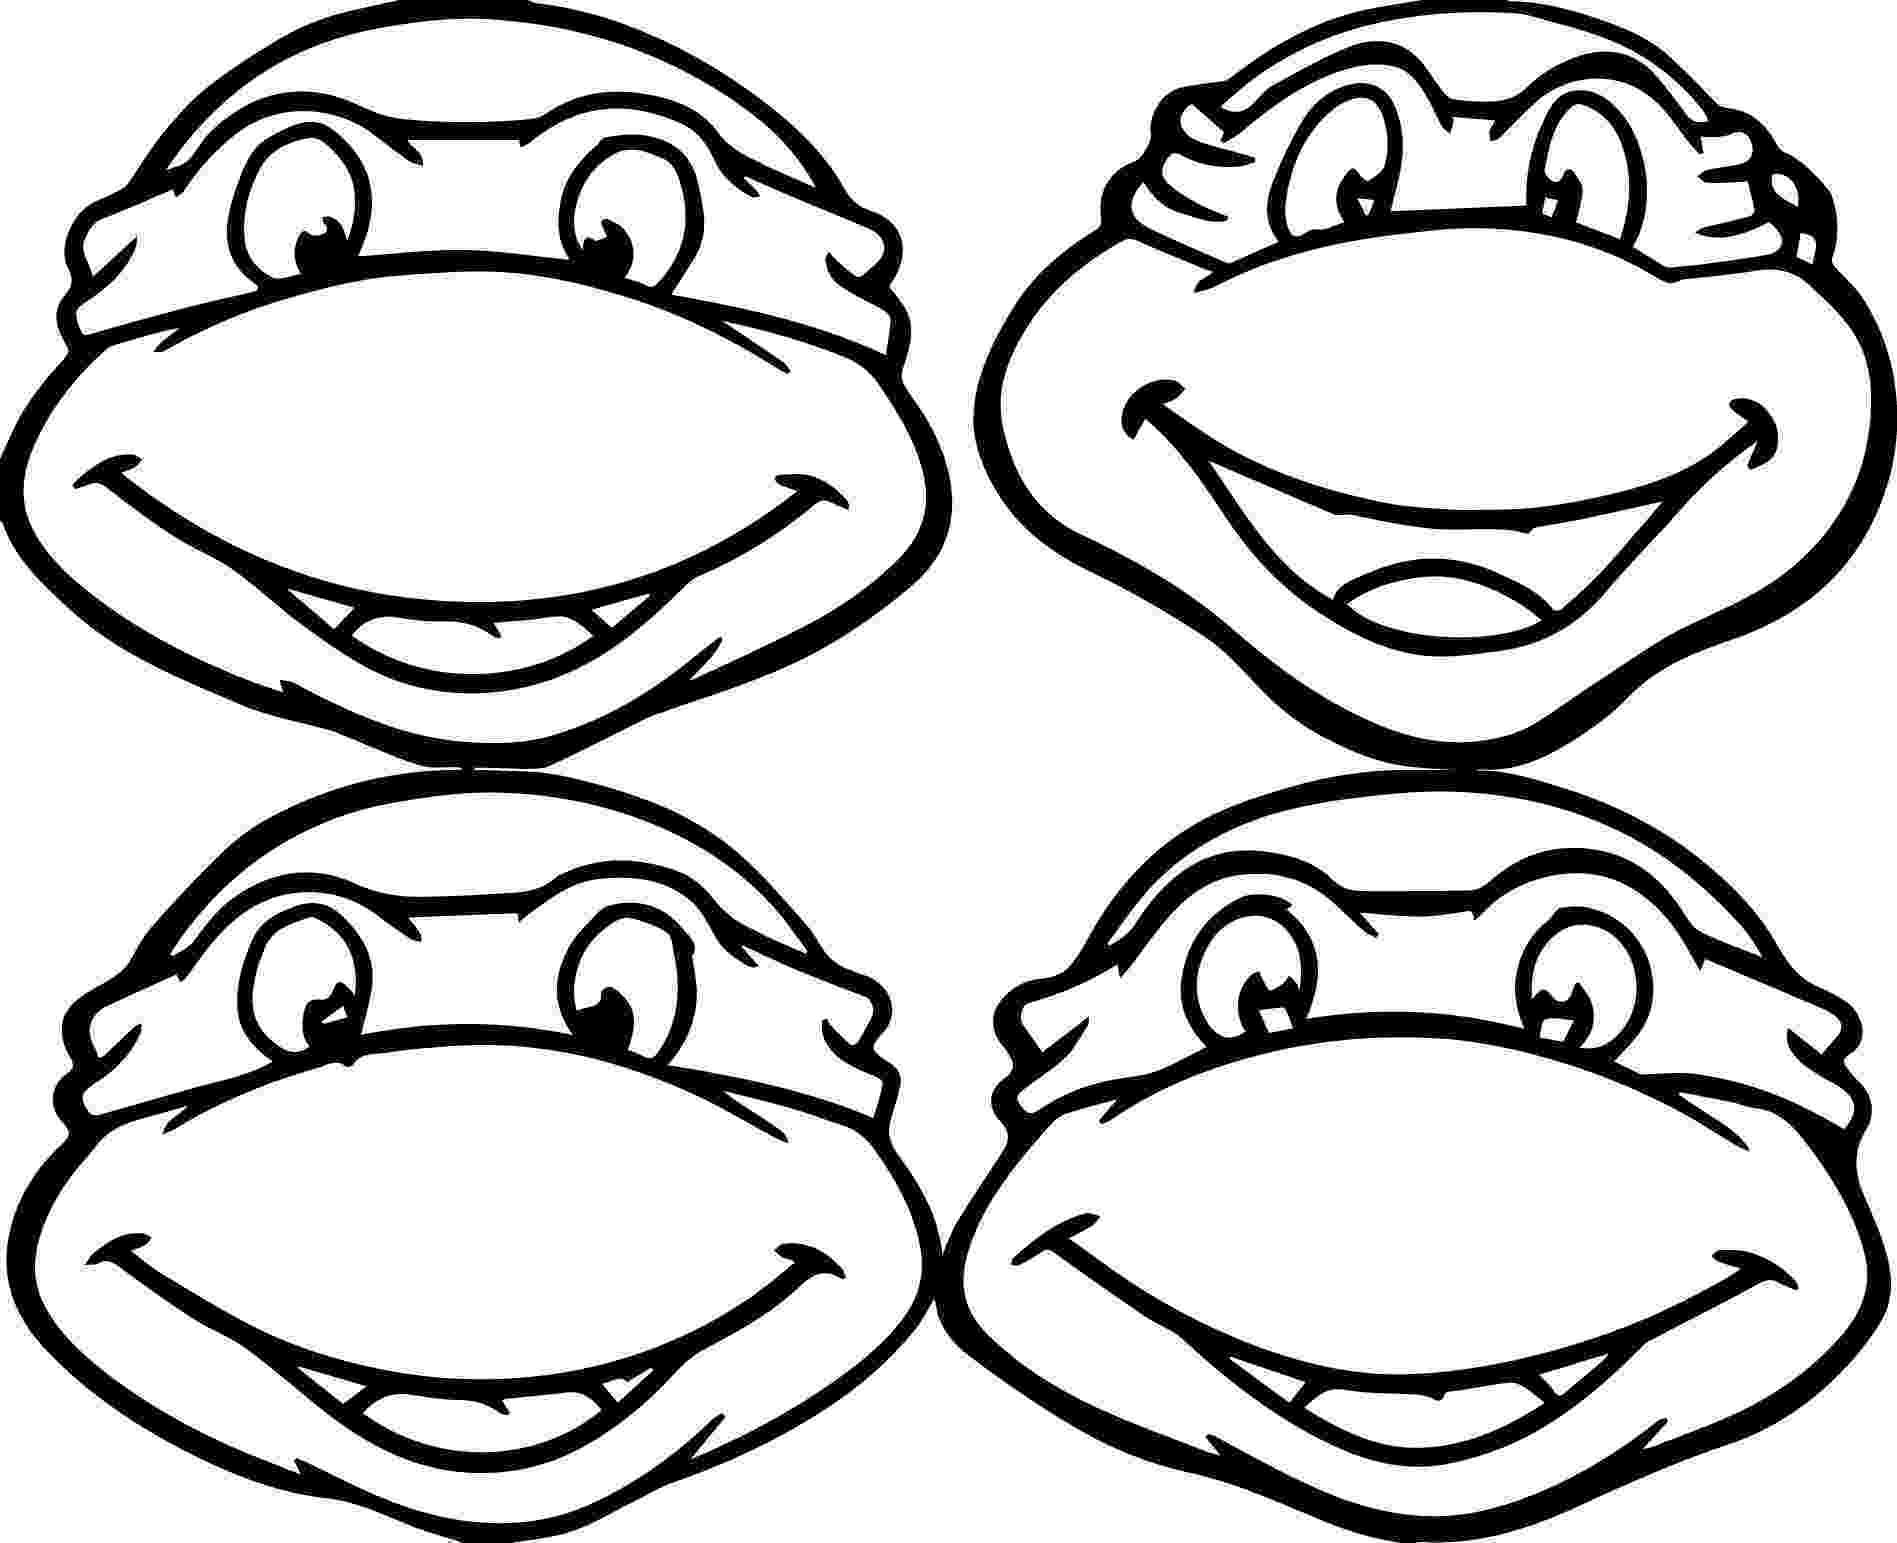 ninja turtles free coloring pages ninja turtle printable coloring pages search results coloring ninja free turtles pages